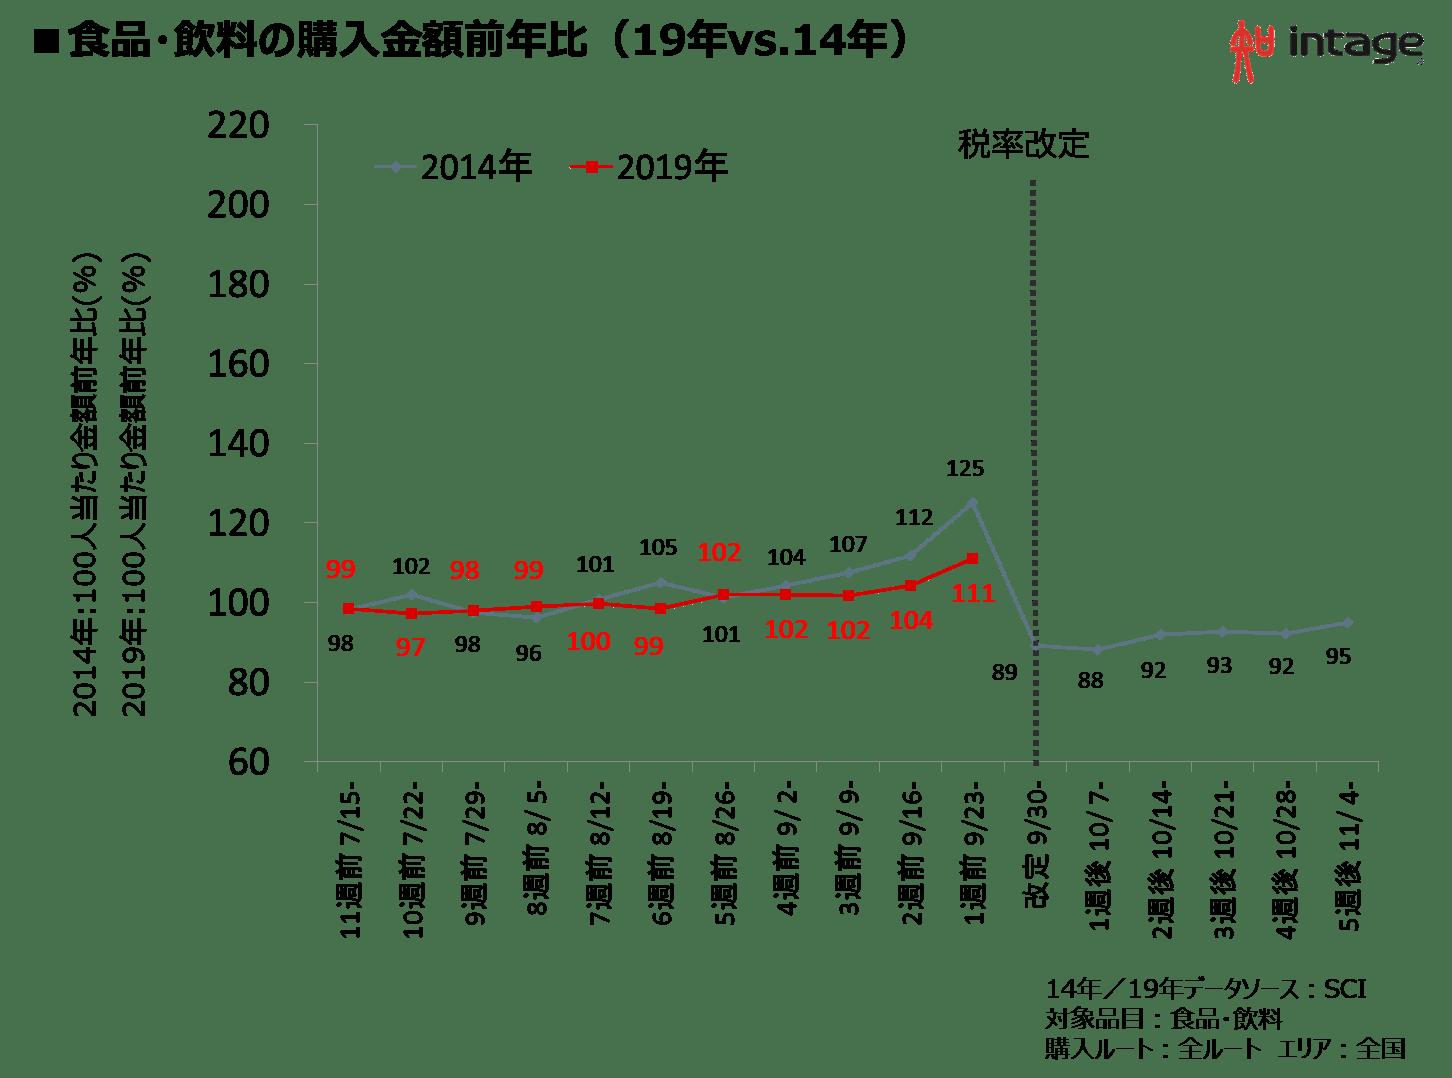 食品・飲料の購入金額前年比(19年vs.14年)